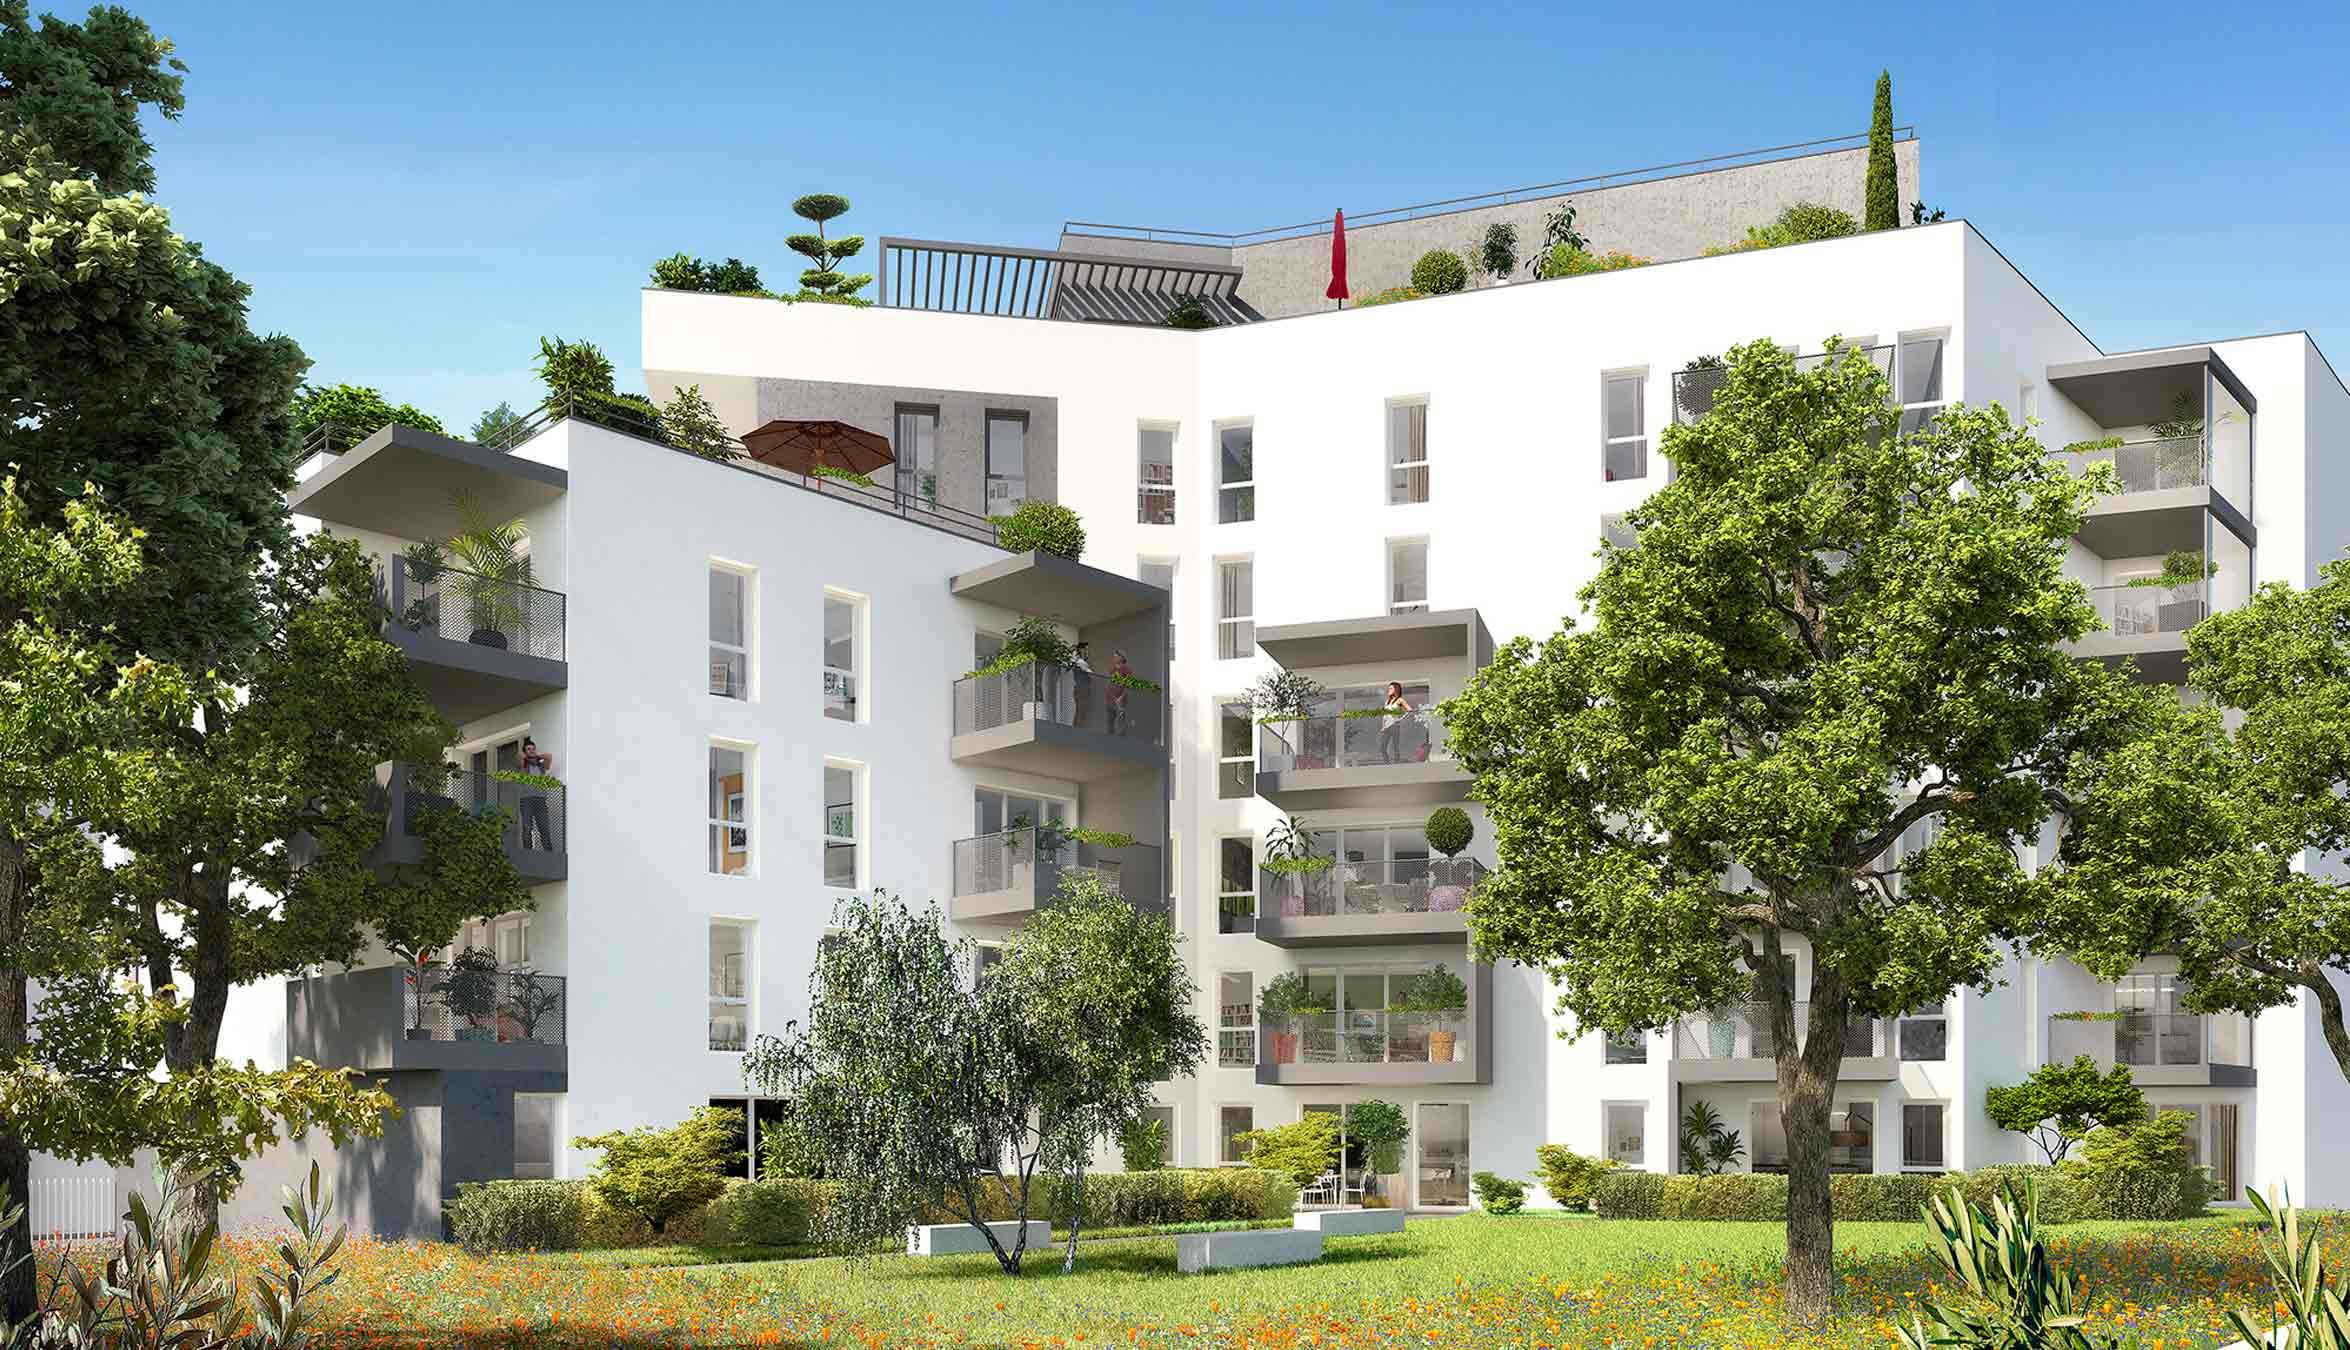 Programme immobilier neuf Sète : Pourquoi investir dans l'immobilier ?